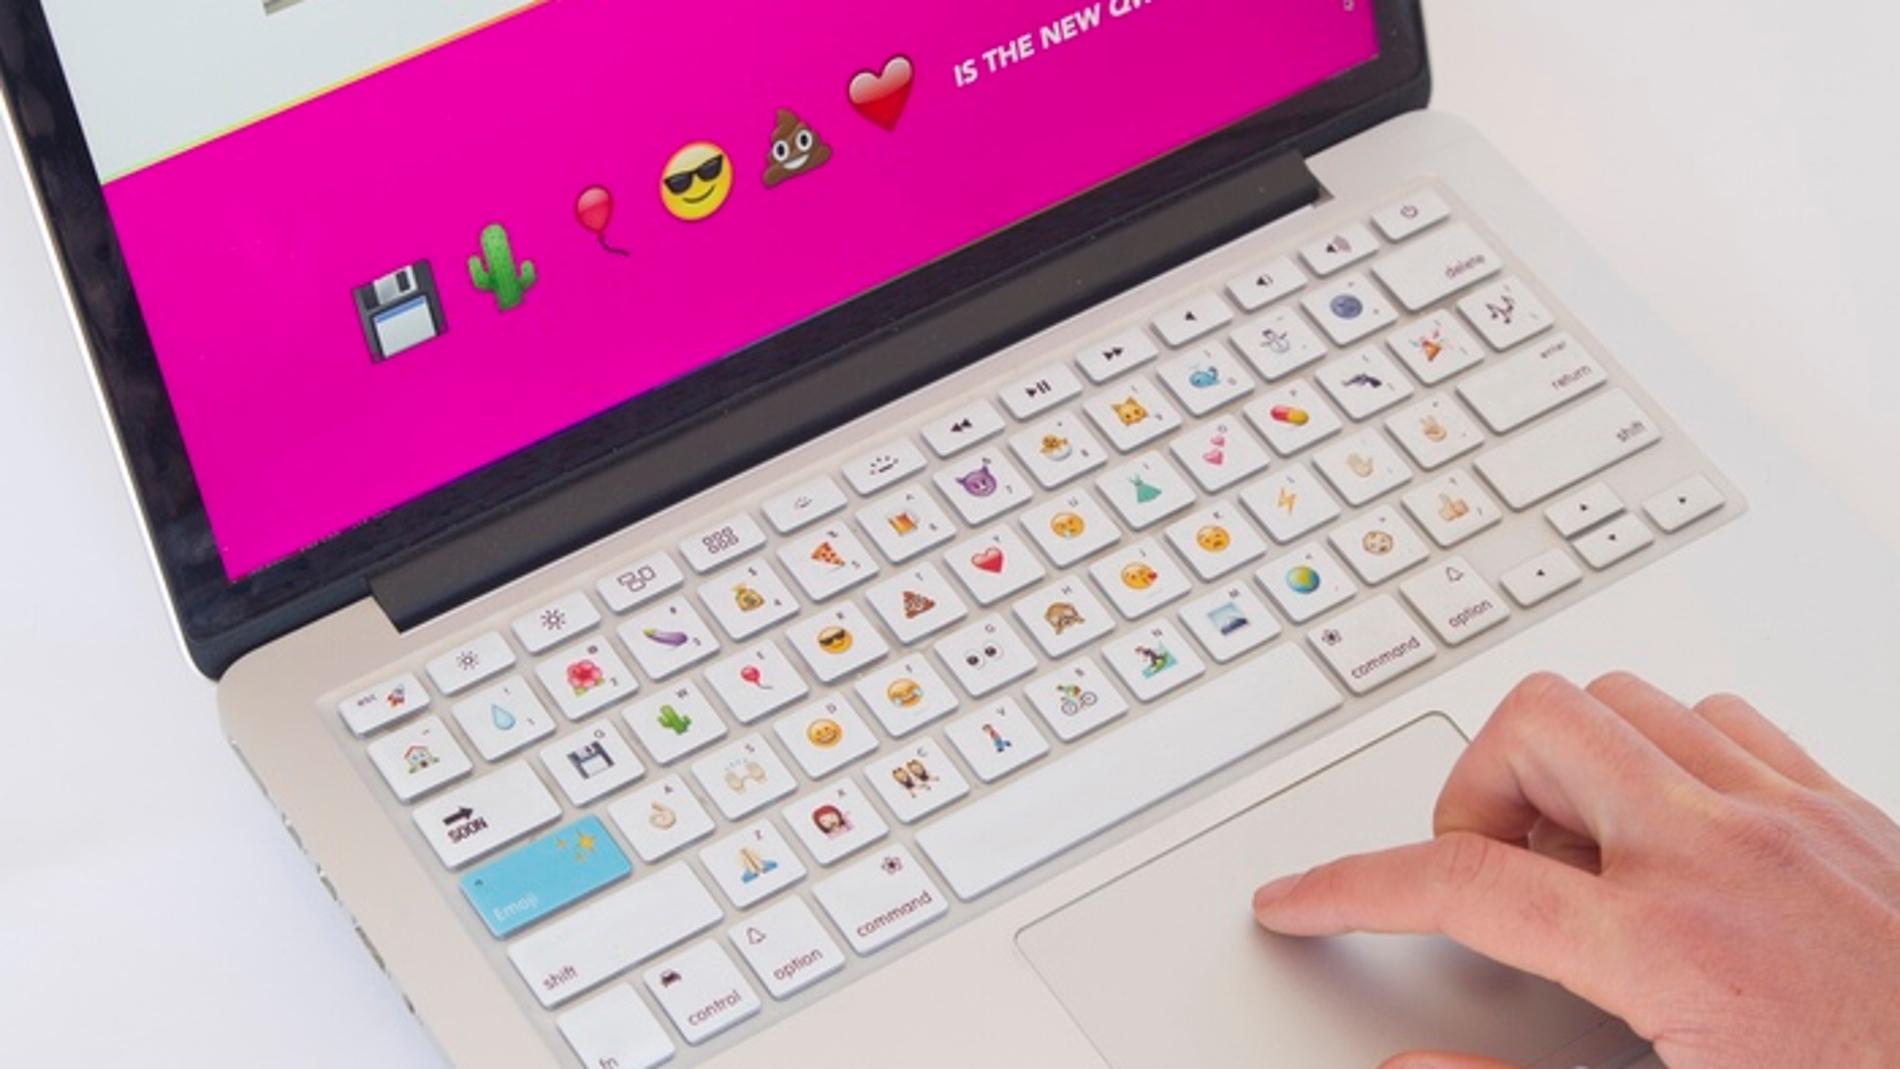 Teclado para escribir con emojis